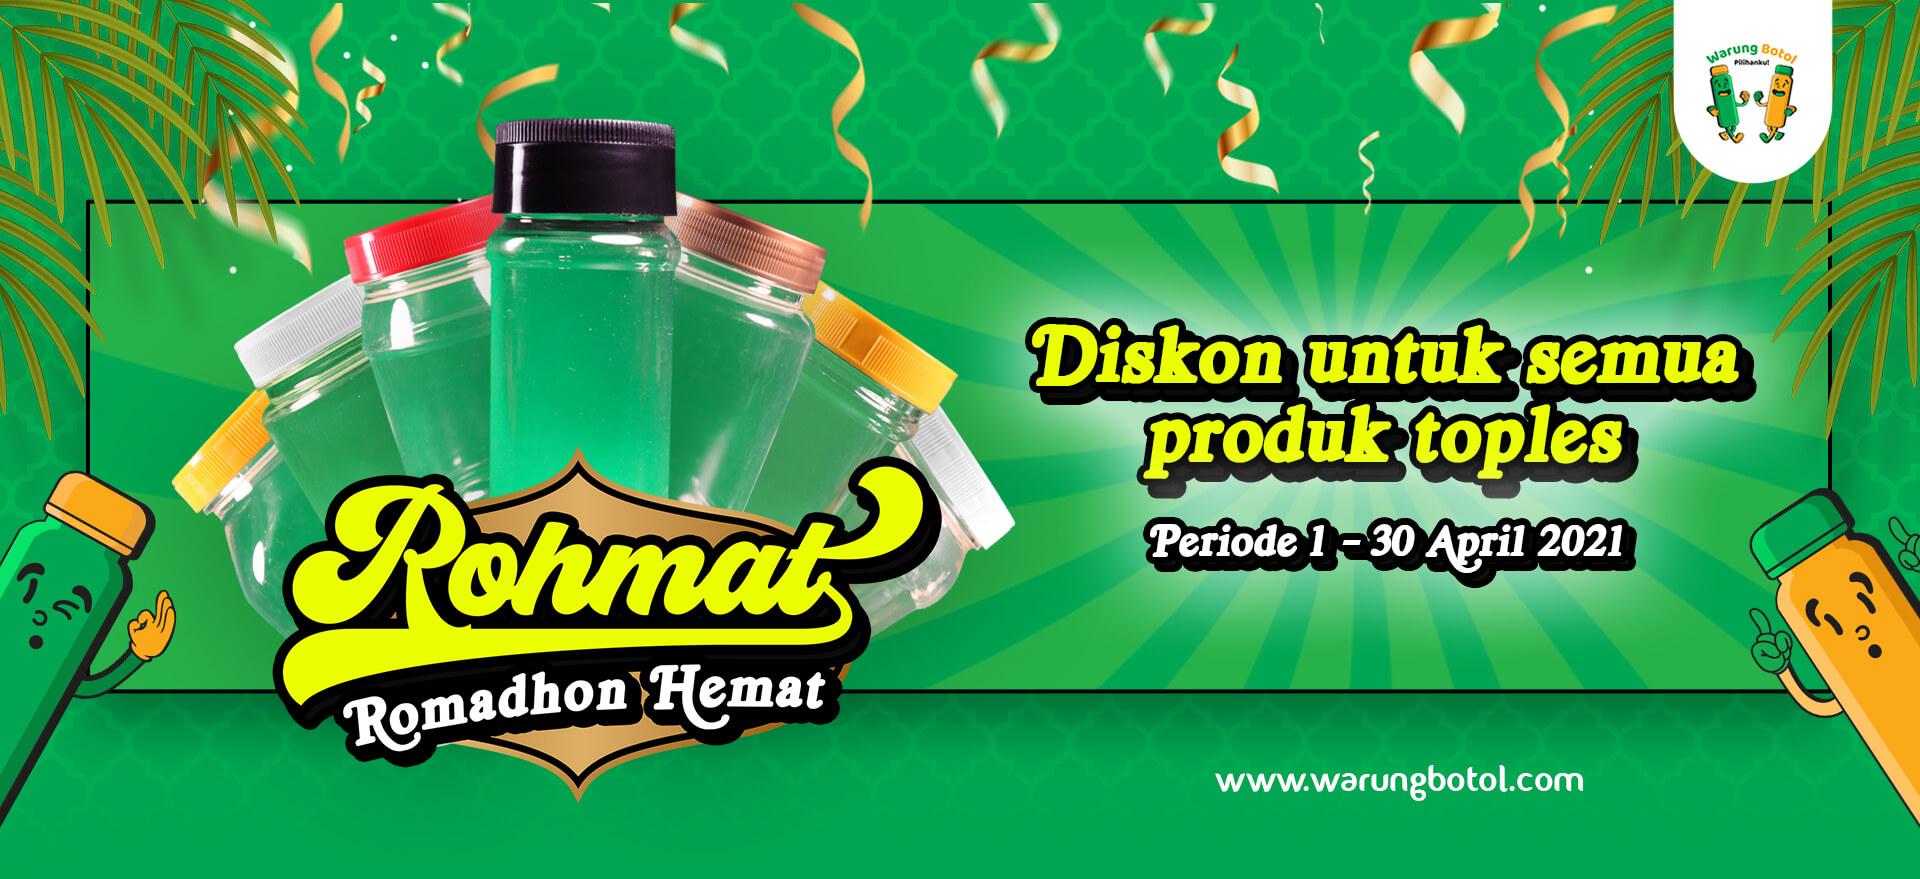 Romadon Hemat, Promo Toples murah